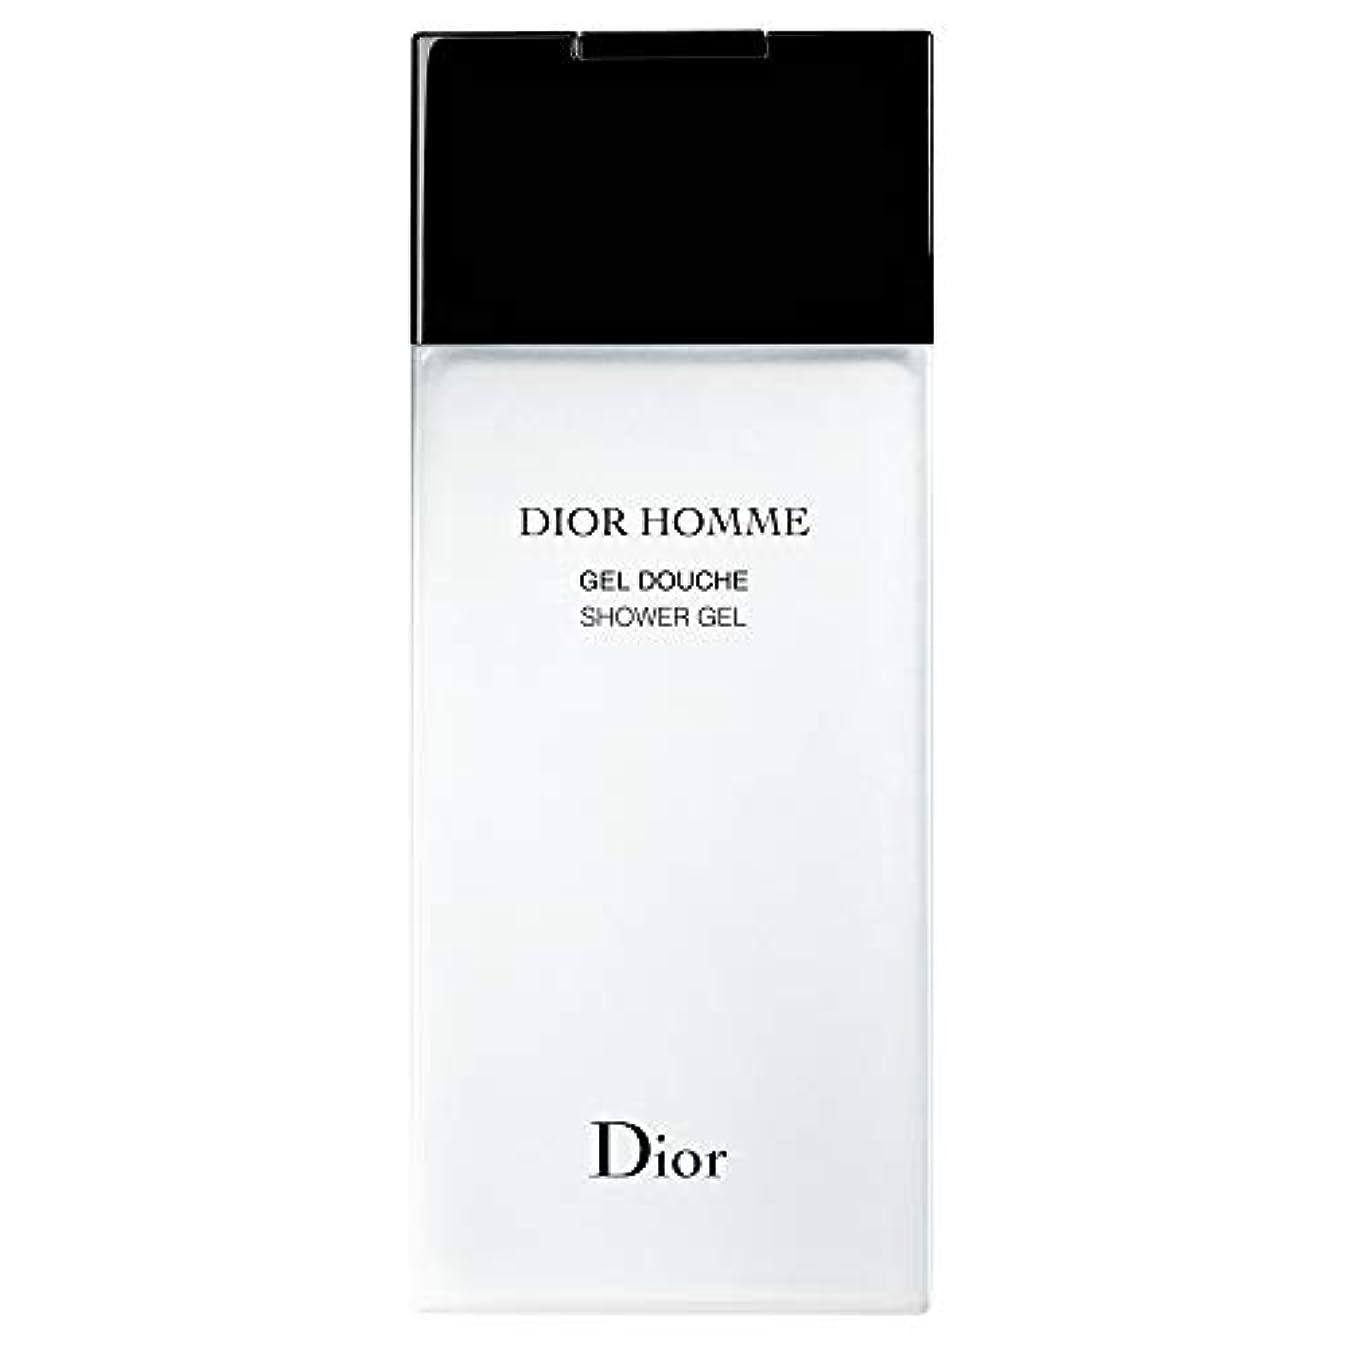 コーヒー虫を数える予防接種する[Dior] ディオールオムシャワージェル200Ml - Dior Homme Shower Gel 200ml [並行輸入品]